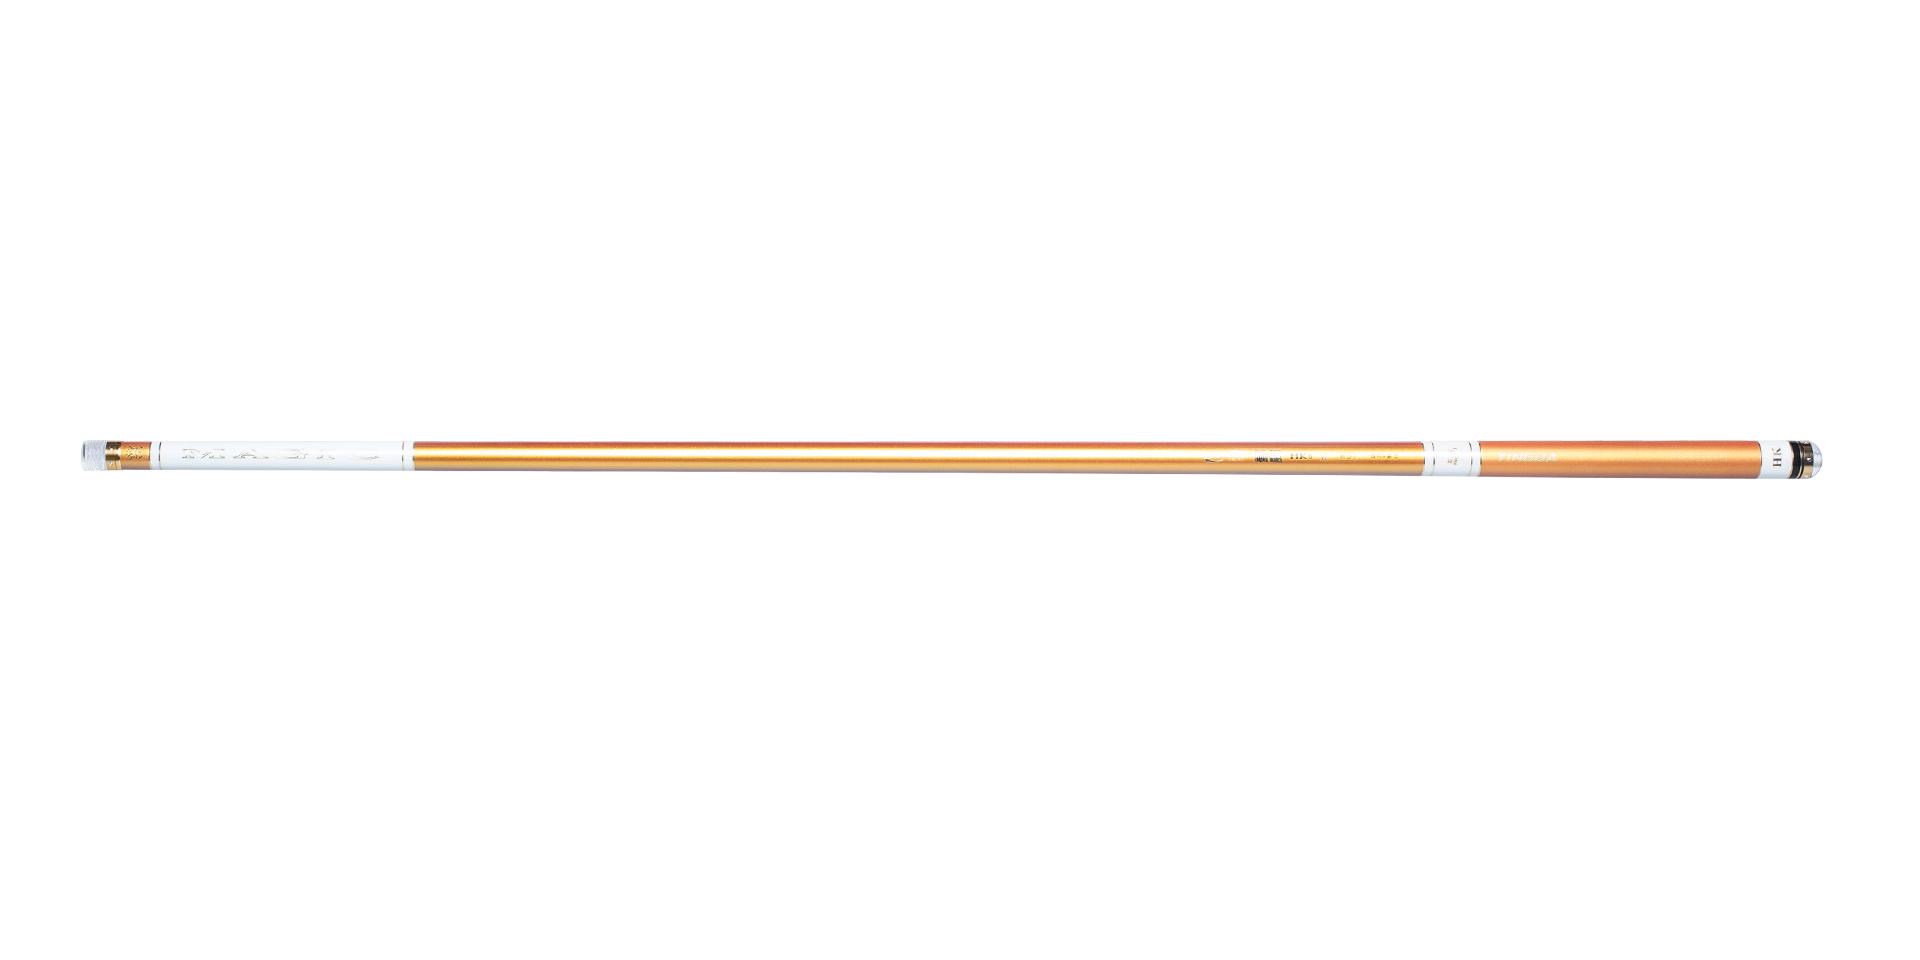 英大钓具亚洲限量发行YINGDA・MAGIC・动力平衡黑坑系列新品――多魔・HK6Ⅱ代,品质型动力平衡黑坑竿